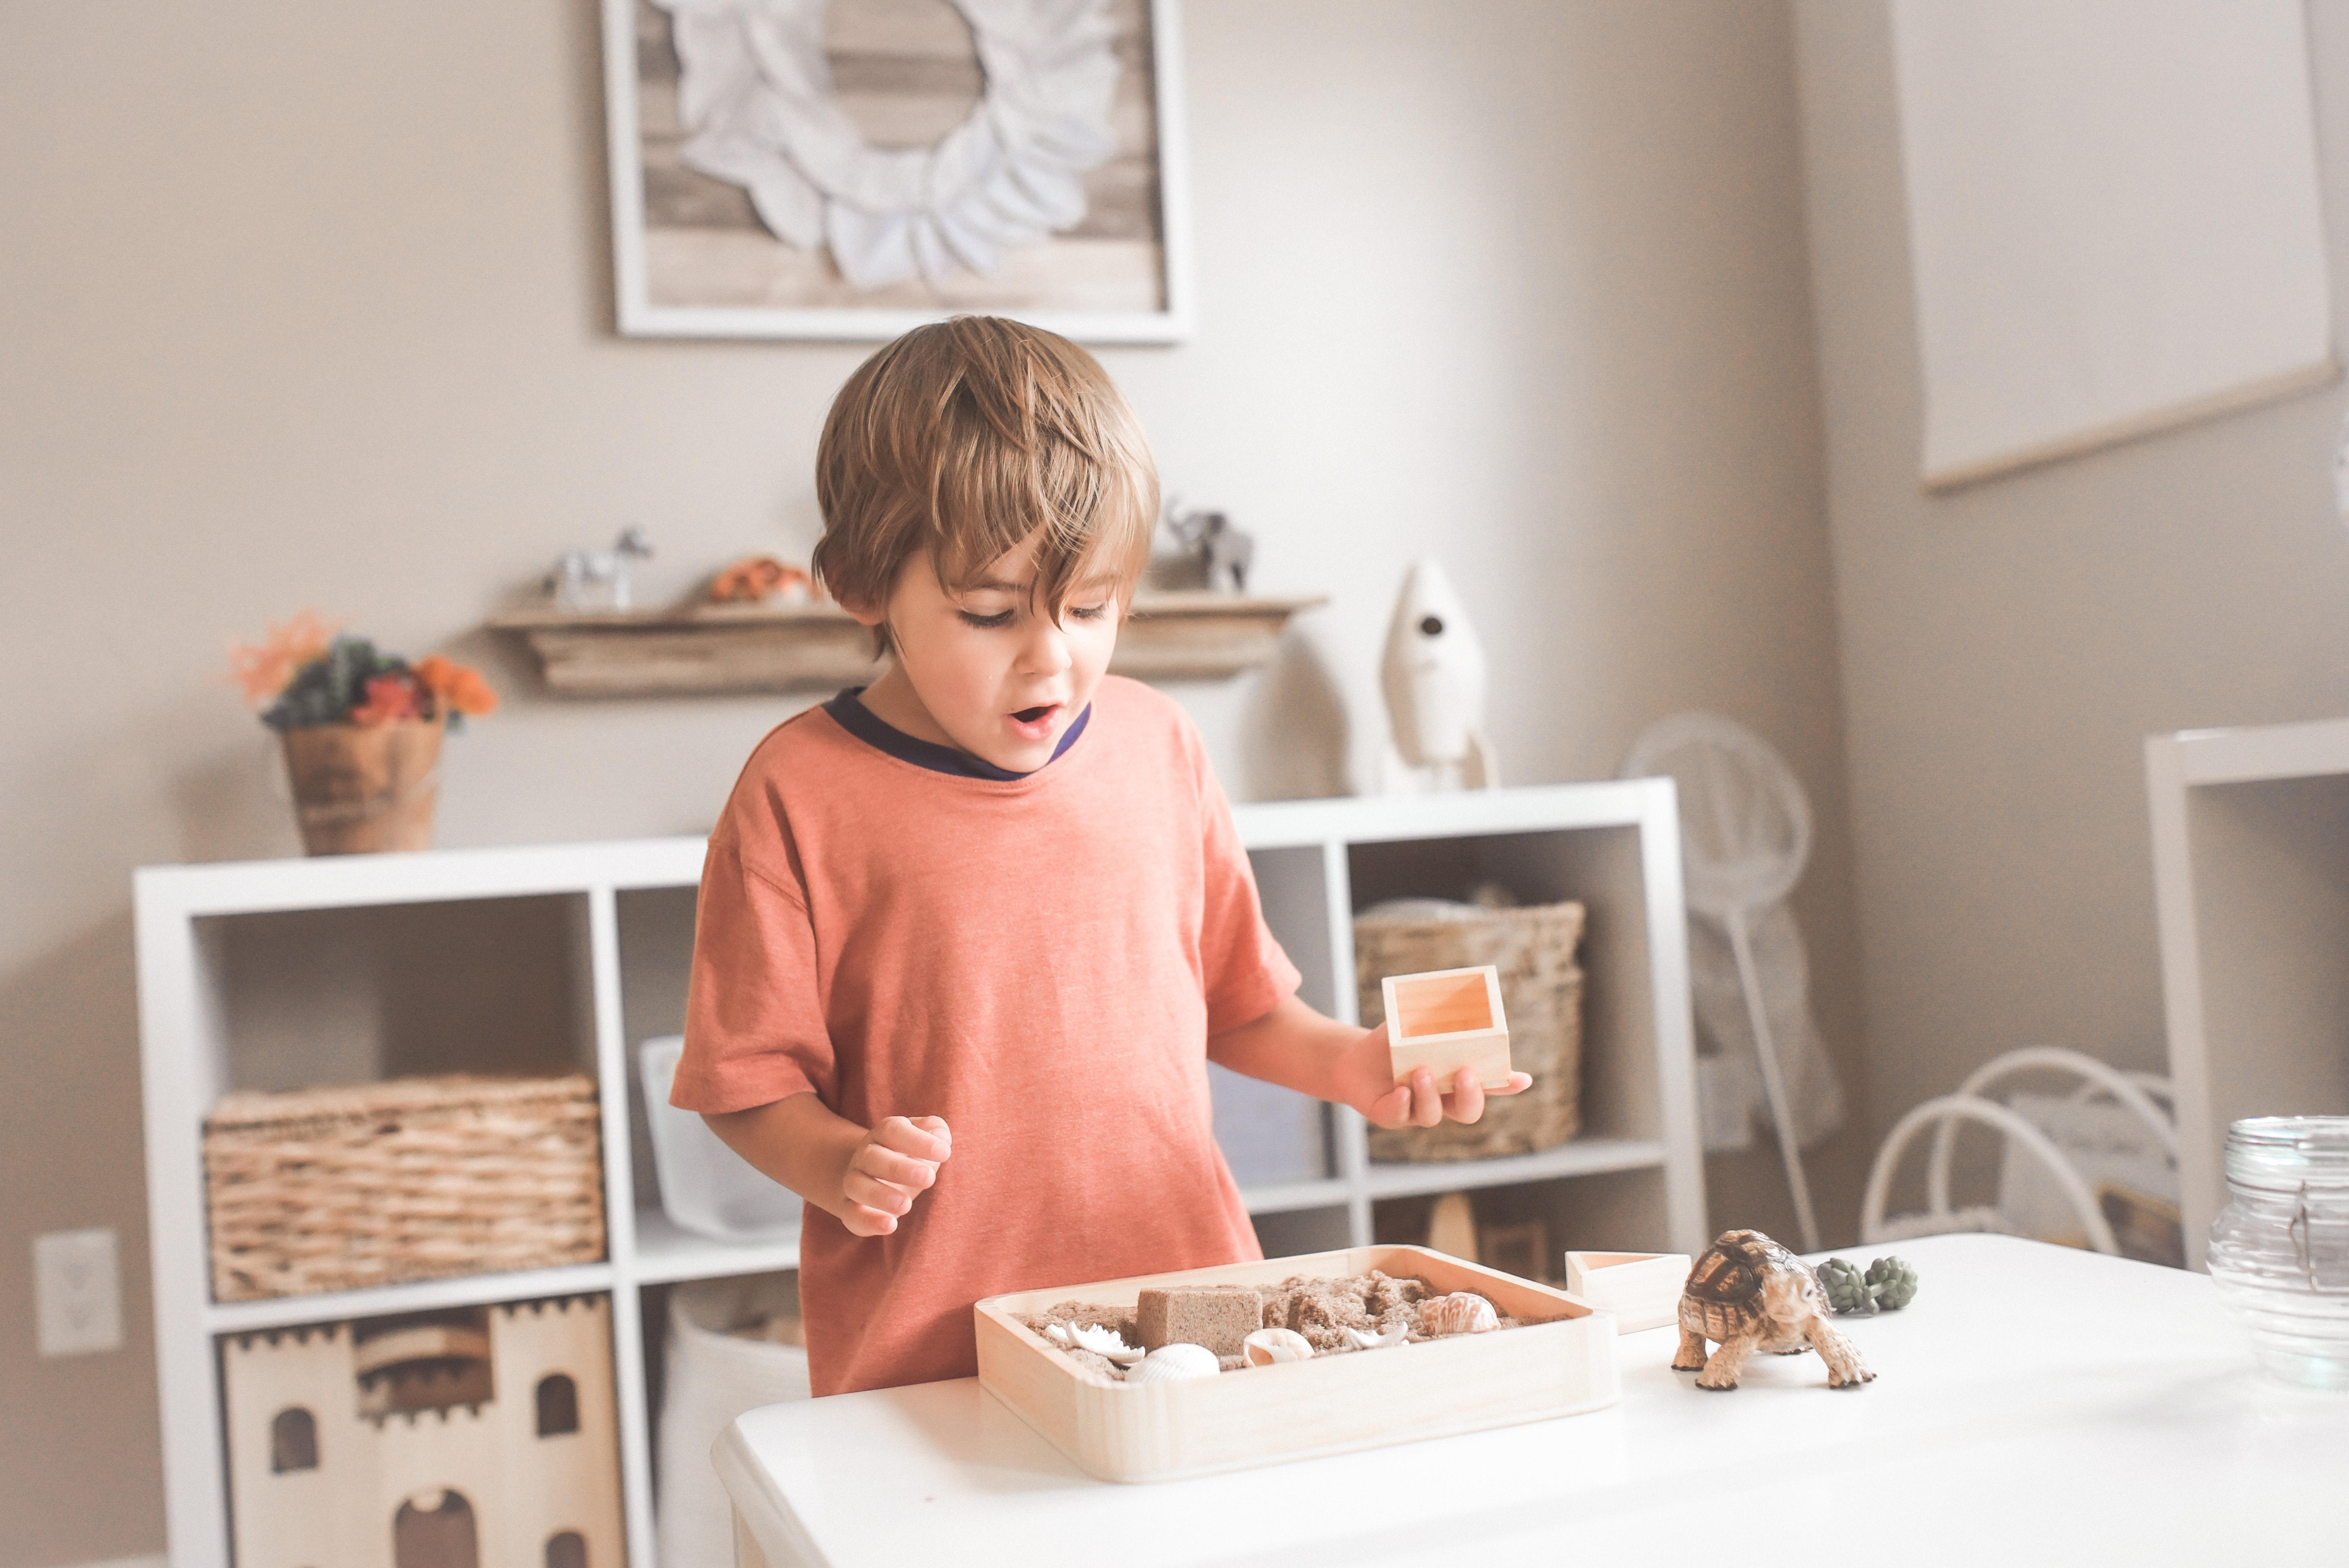 6 premisas simples para aplicar el método Montessori en la educación de nuestros hijos